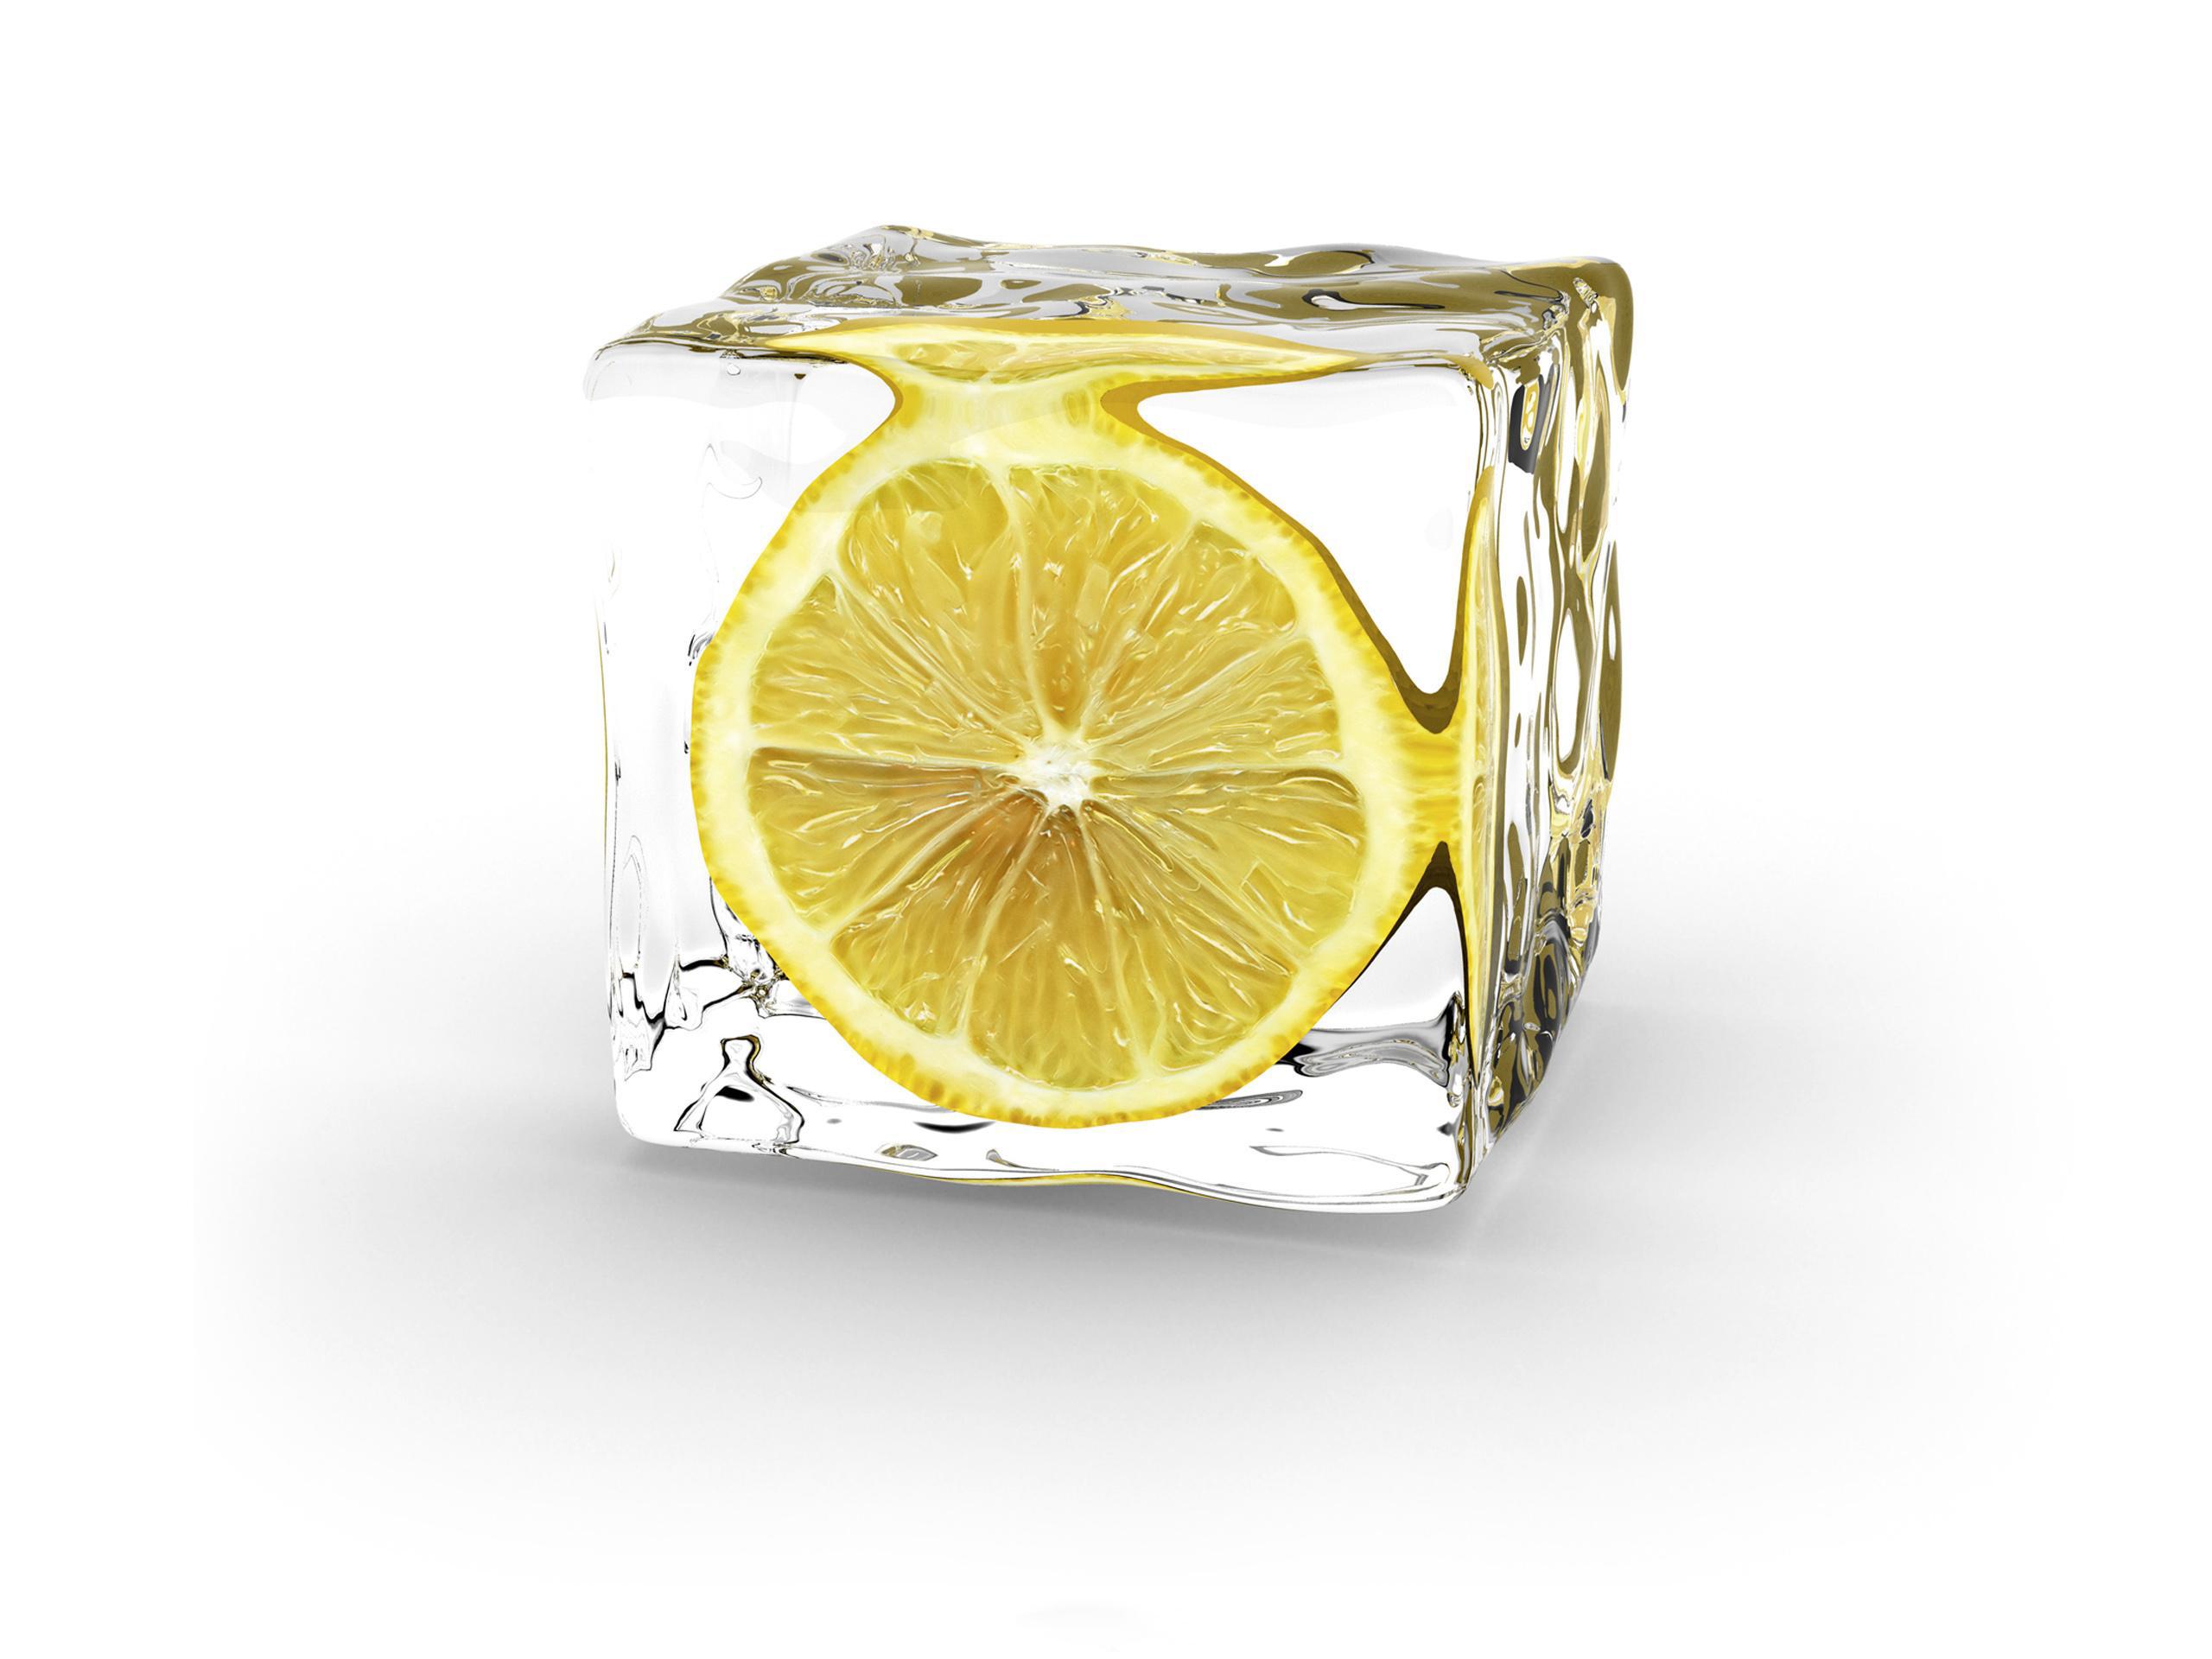 Дольки лимона в стакане  № 3698259  скачать